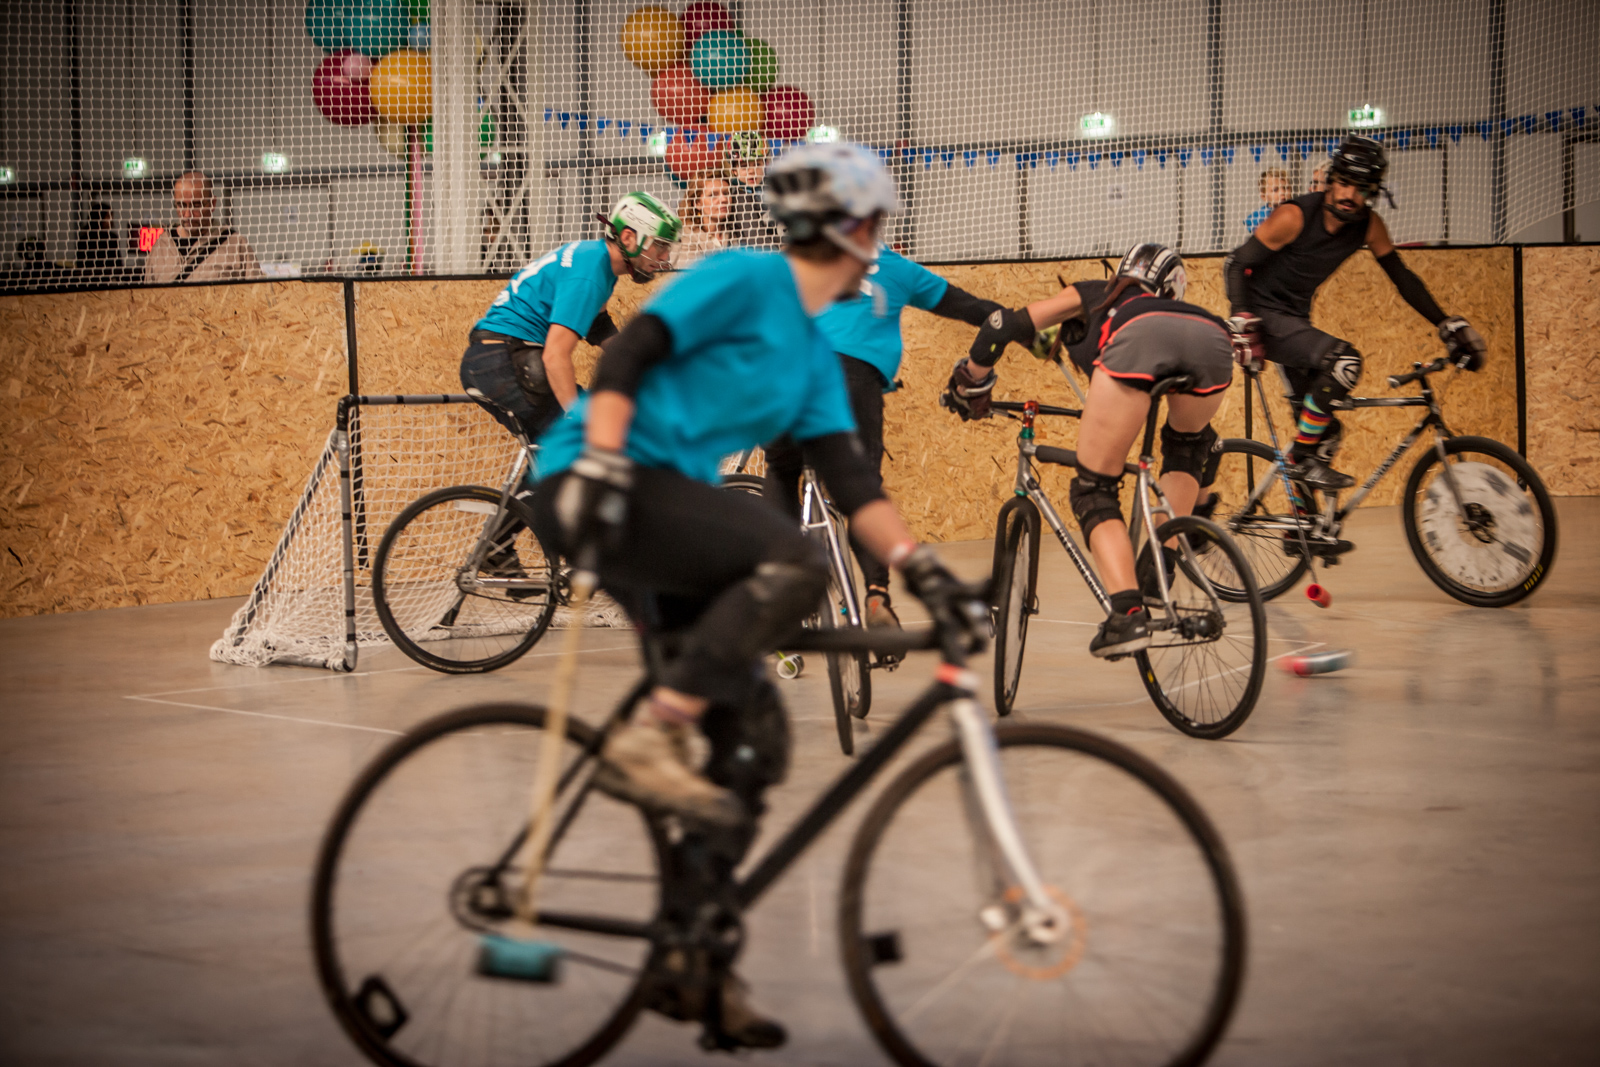 Noch so ein Faszinosum der Fahrradwelt: Bike Polo! Die Radbeherrschung der Jungs und Mädls ist bewundernswert, das Tempo des Spiels rasant.